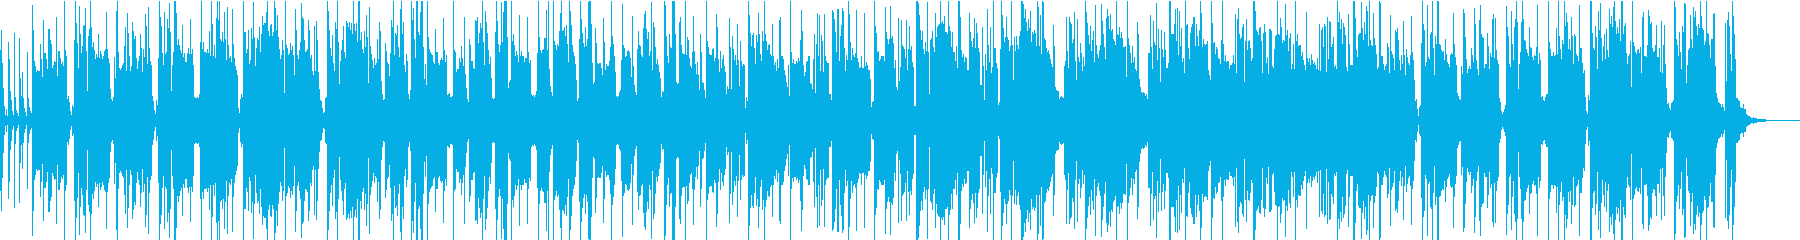 コミカルな追跡シーン風のブラスロックの再生済みの波形